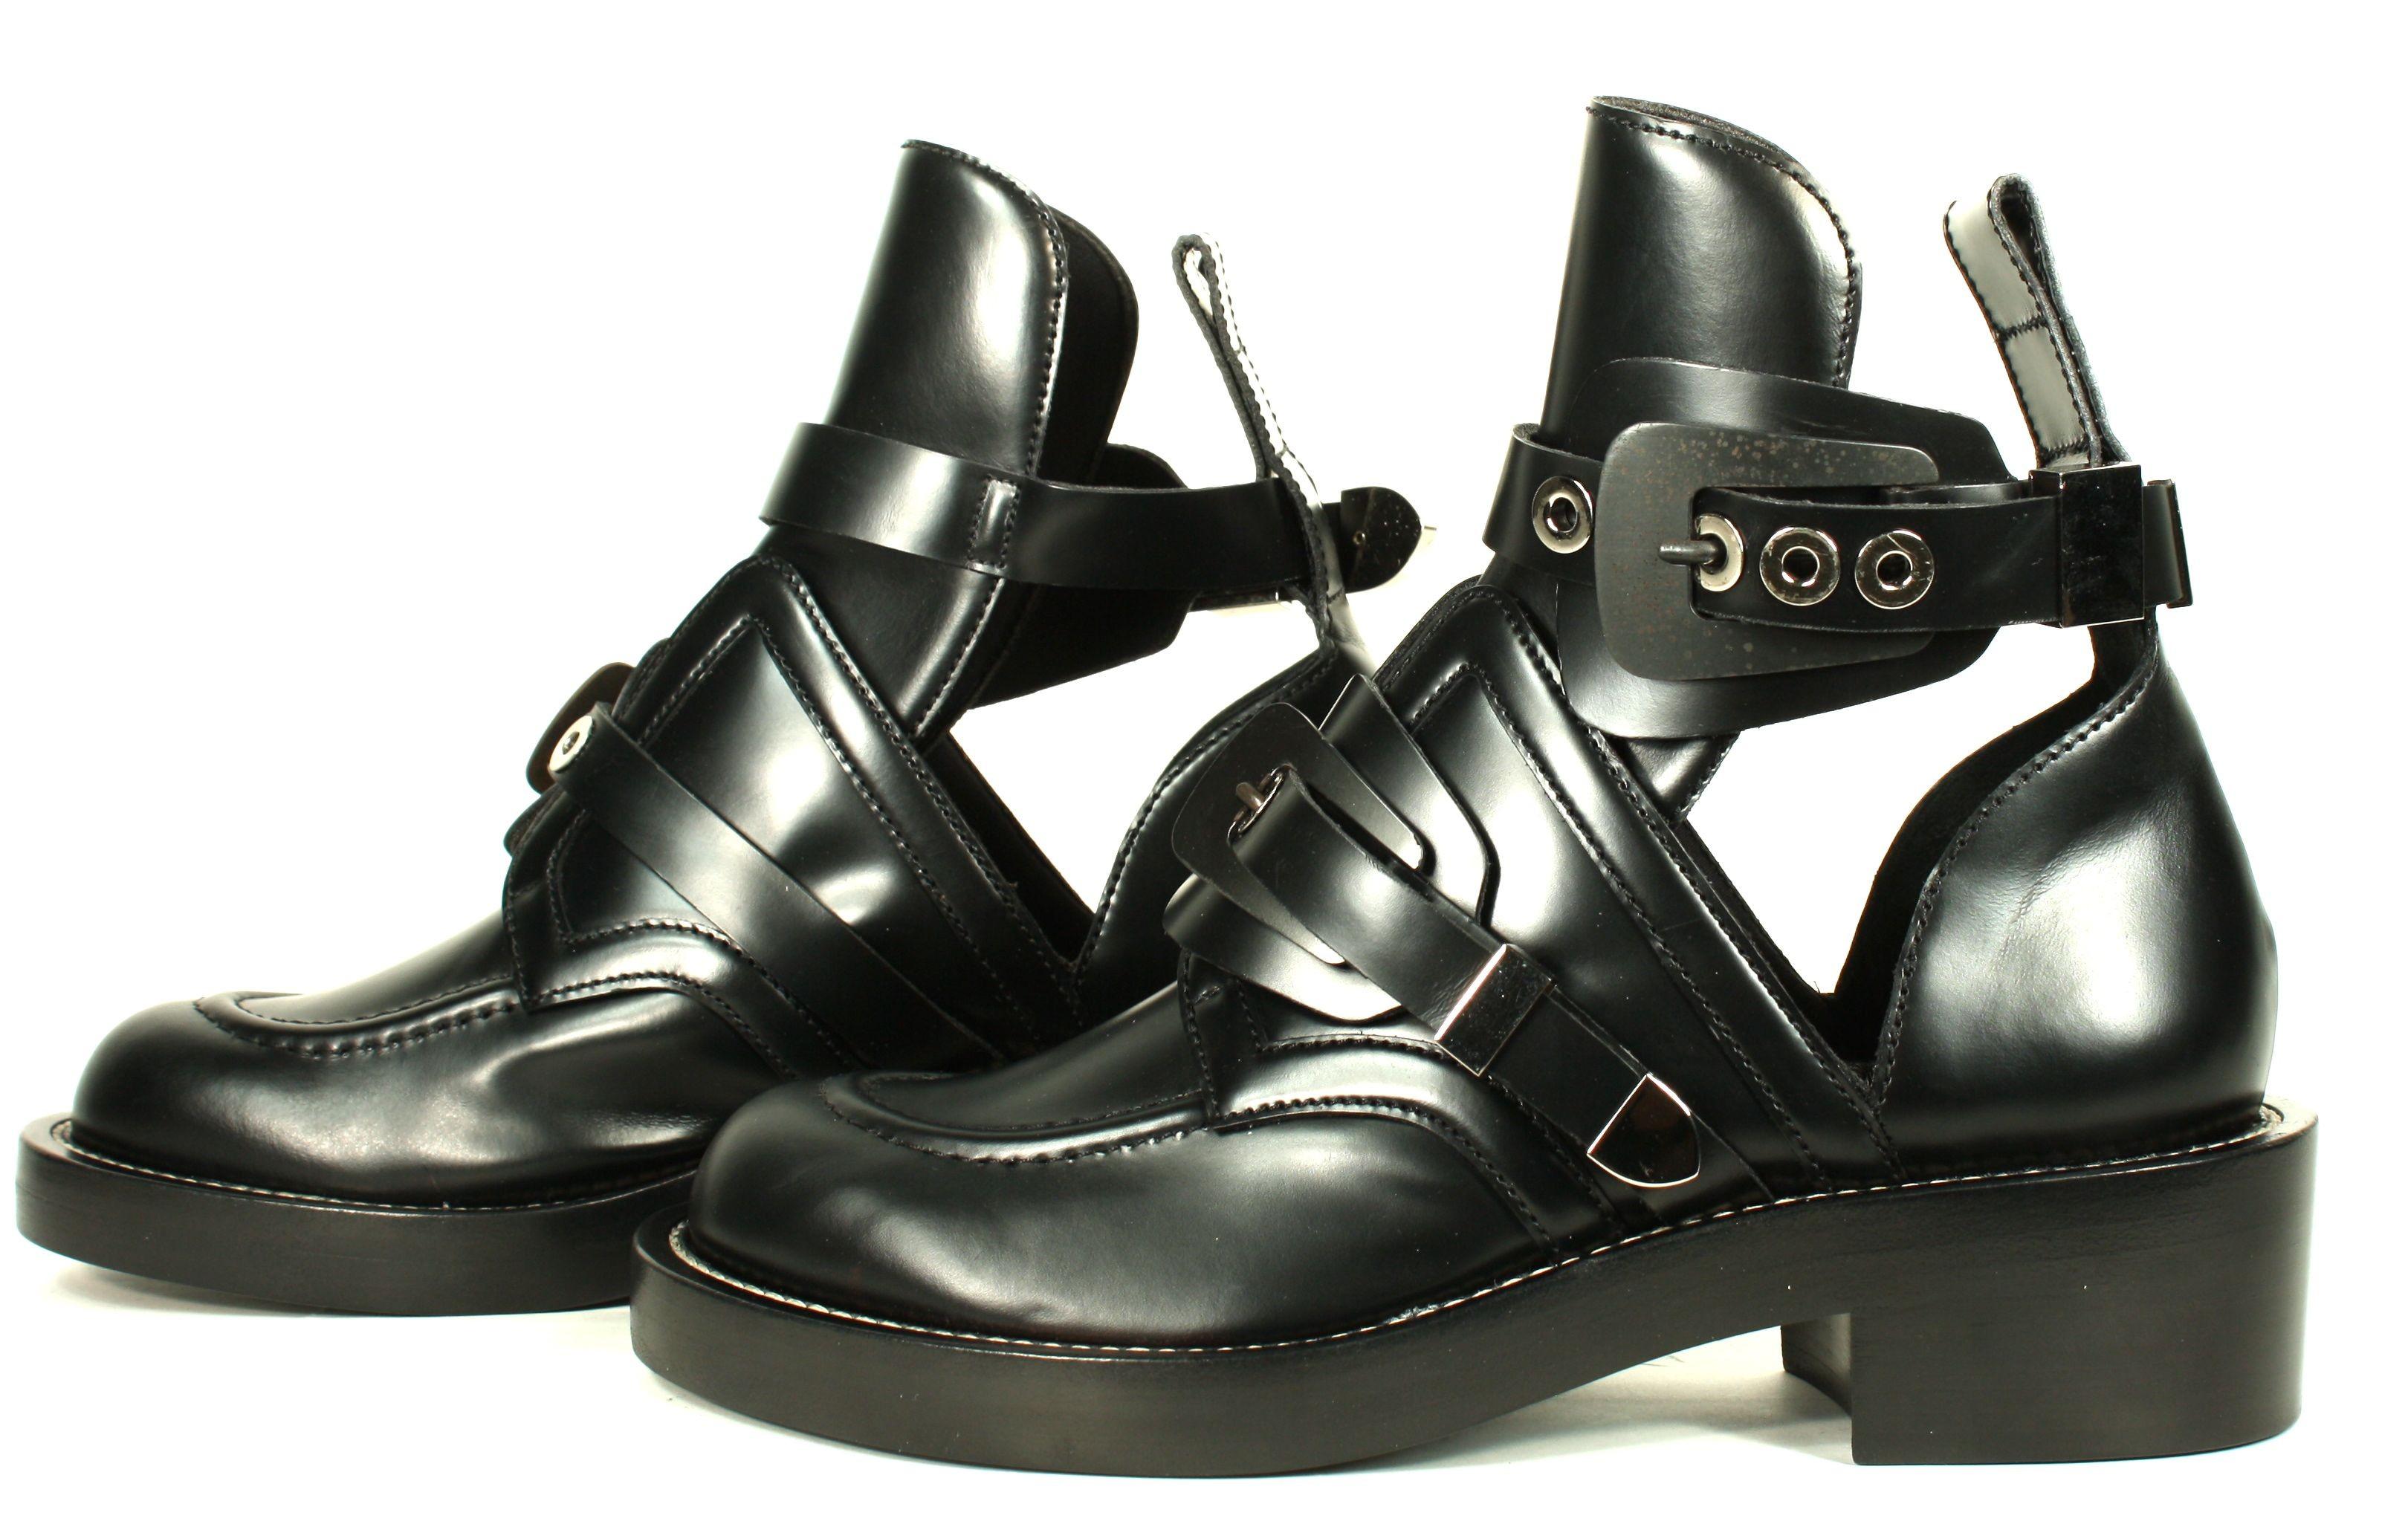 Balenciaga Black Leather Cut Out Boots sz 38.5  7796091f5e8f